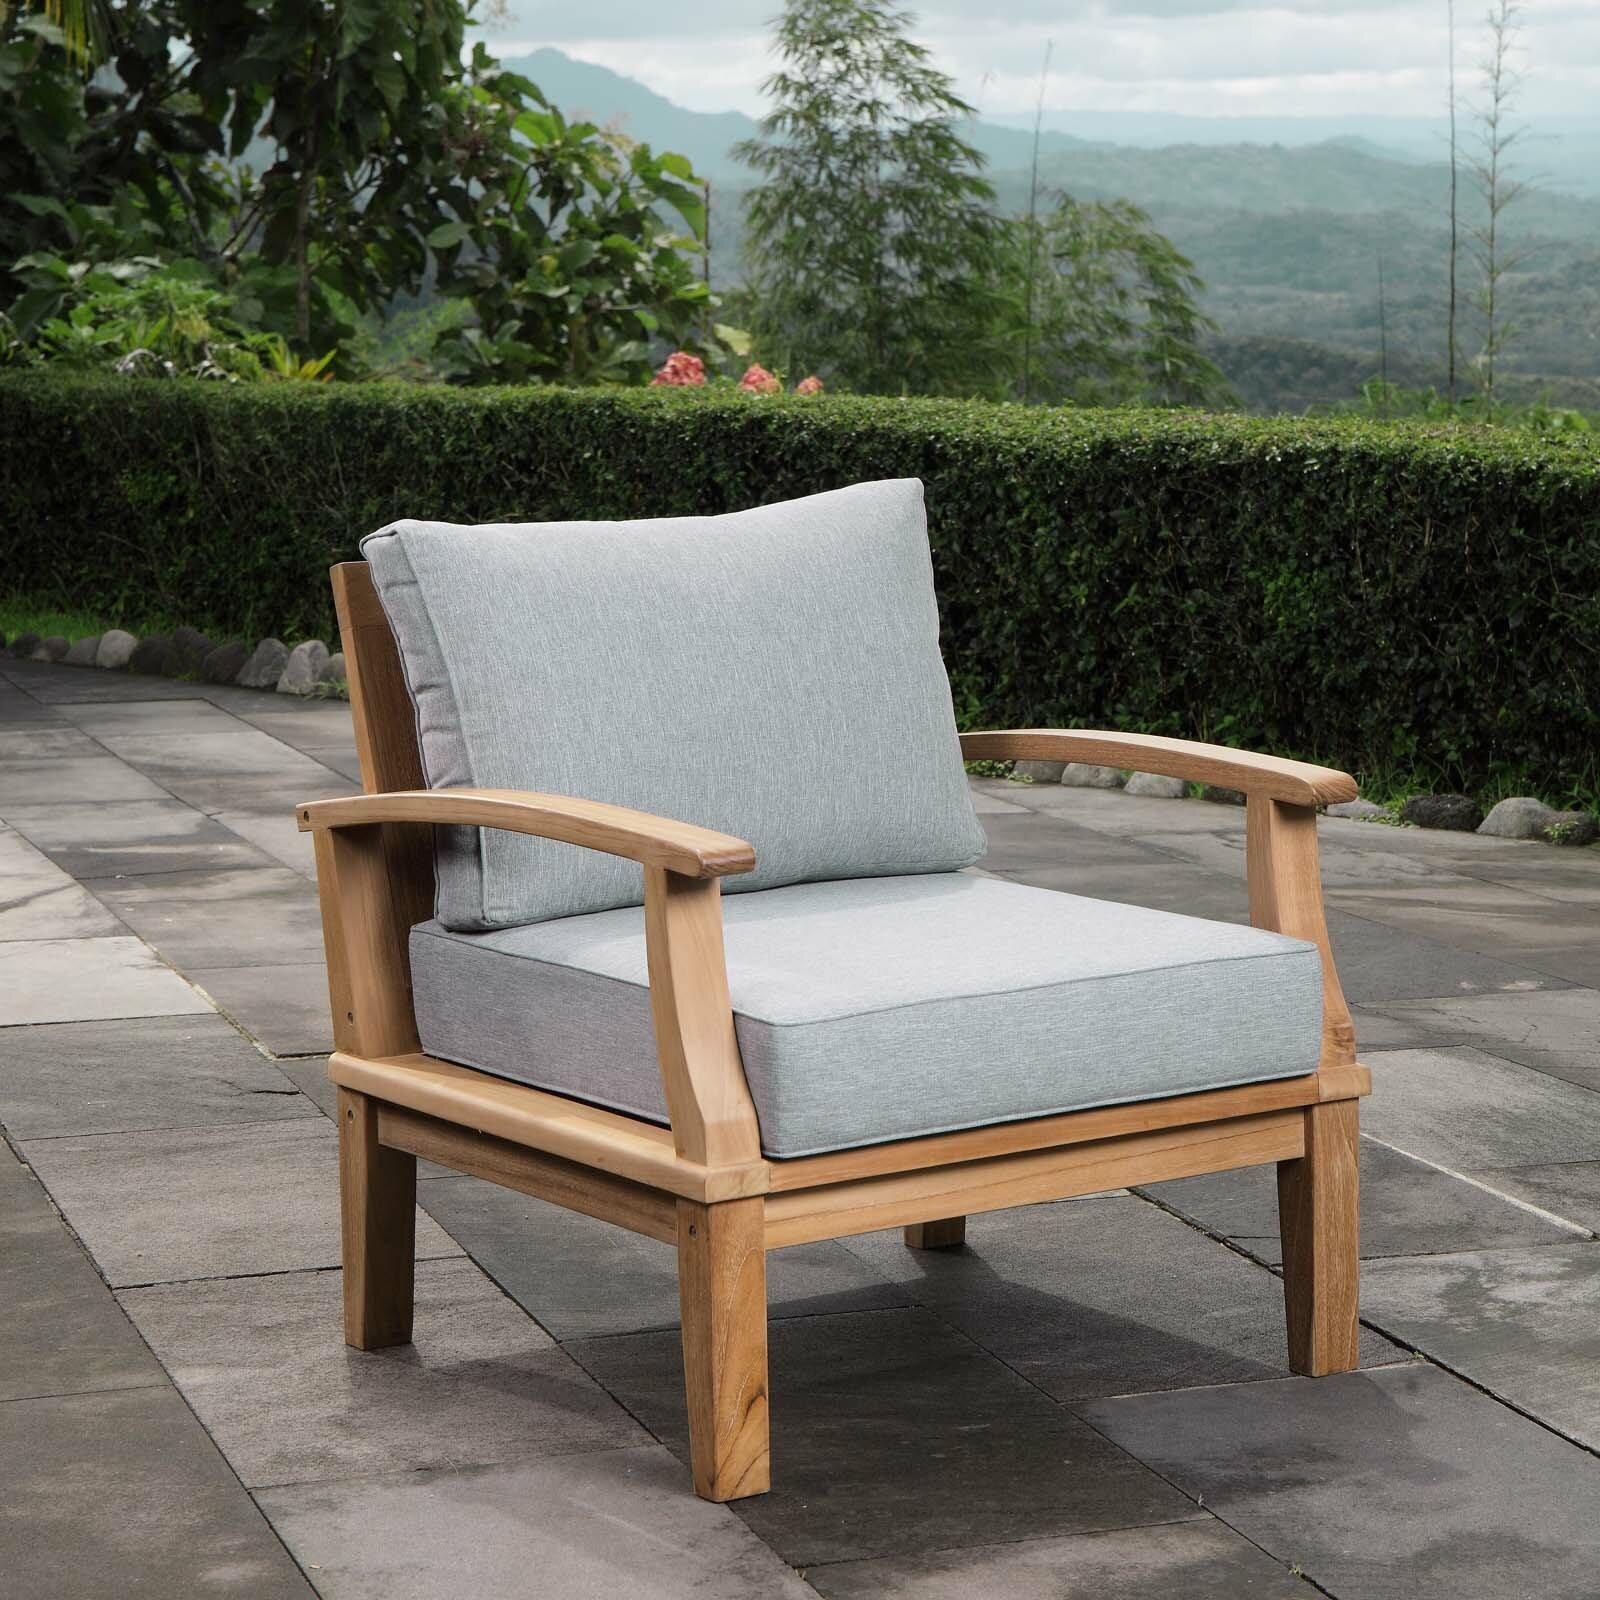 Elaina Teak Patio Chair With Cushion Reviews Birch Lane